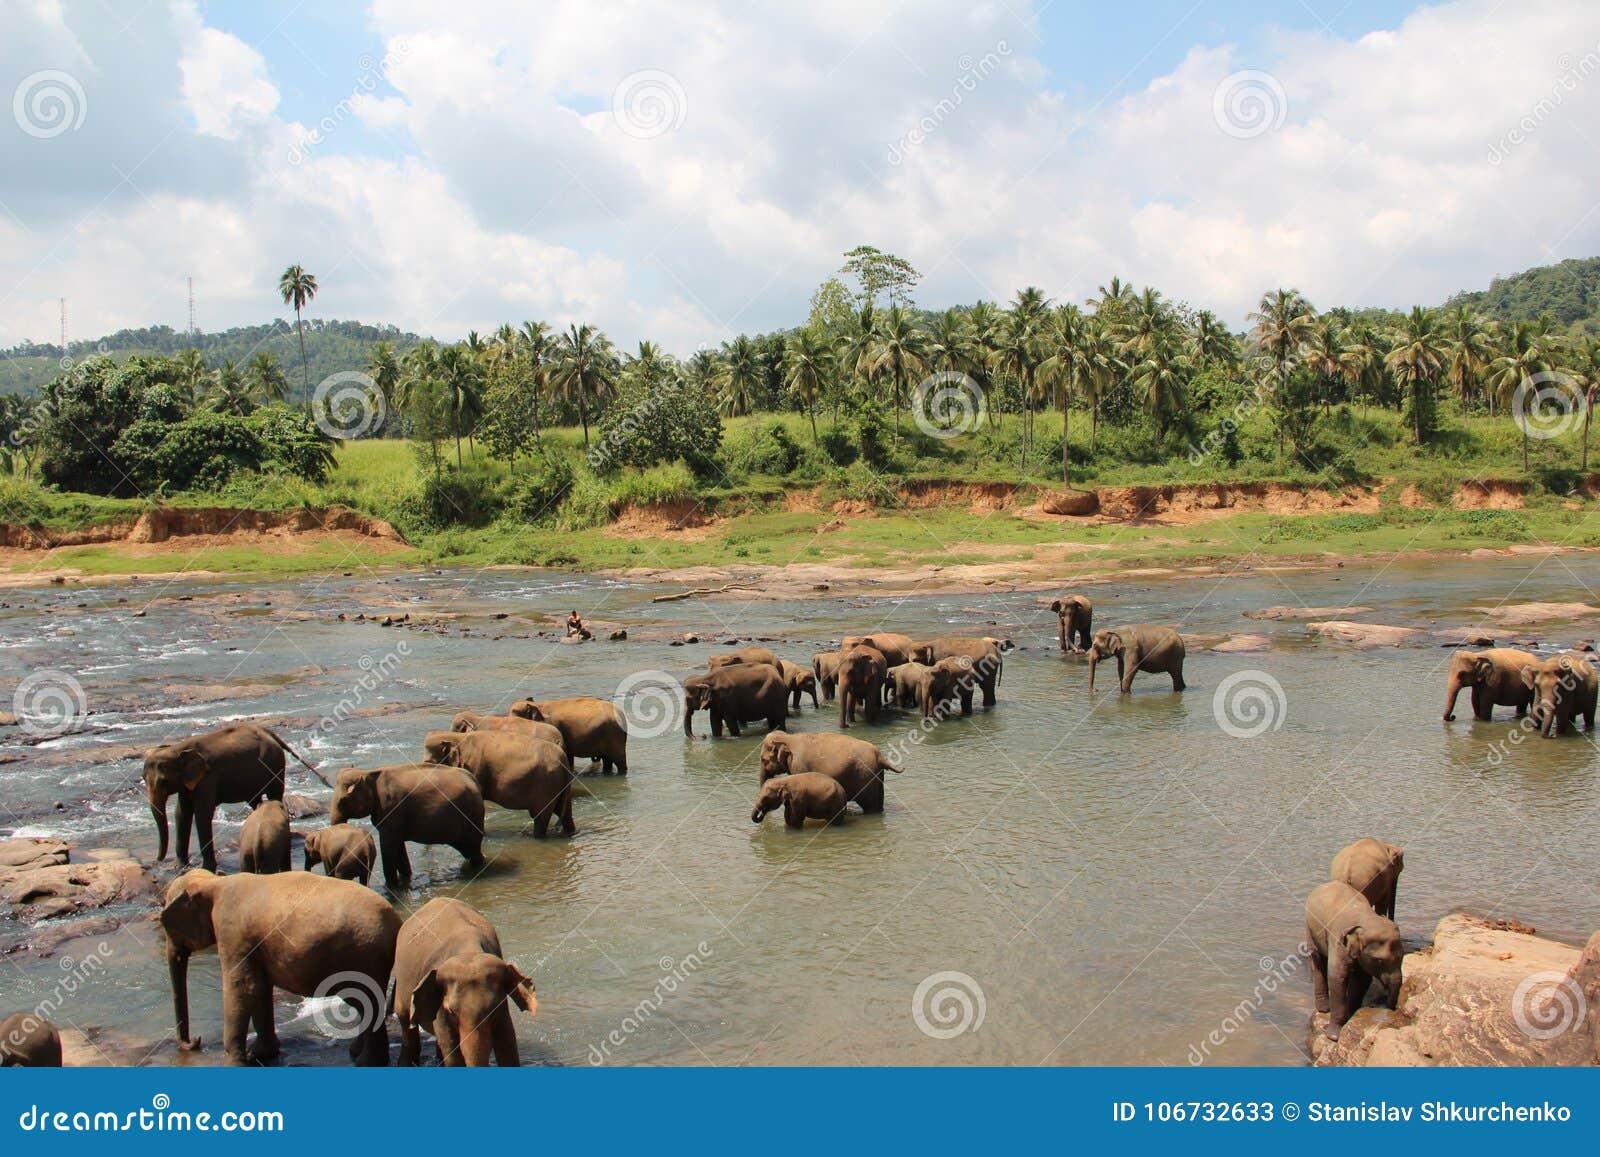 Un troupeau d éléphants est venu à l endroit d arrosage Un troupeau d éléphants est venu à l endroit d arrosage